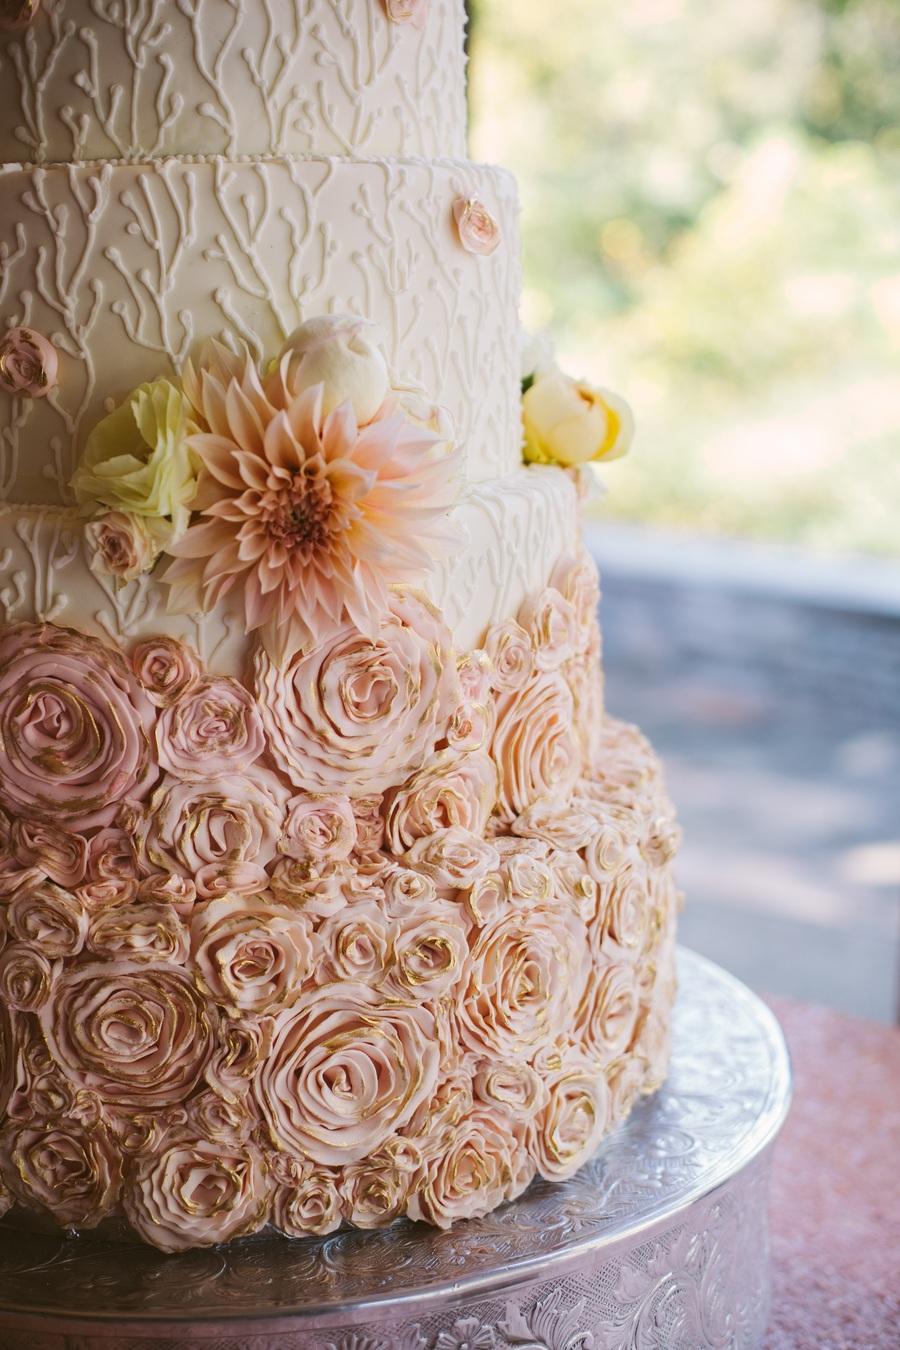 Rosette Bottom Wedding Cake Trends